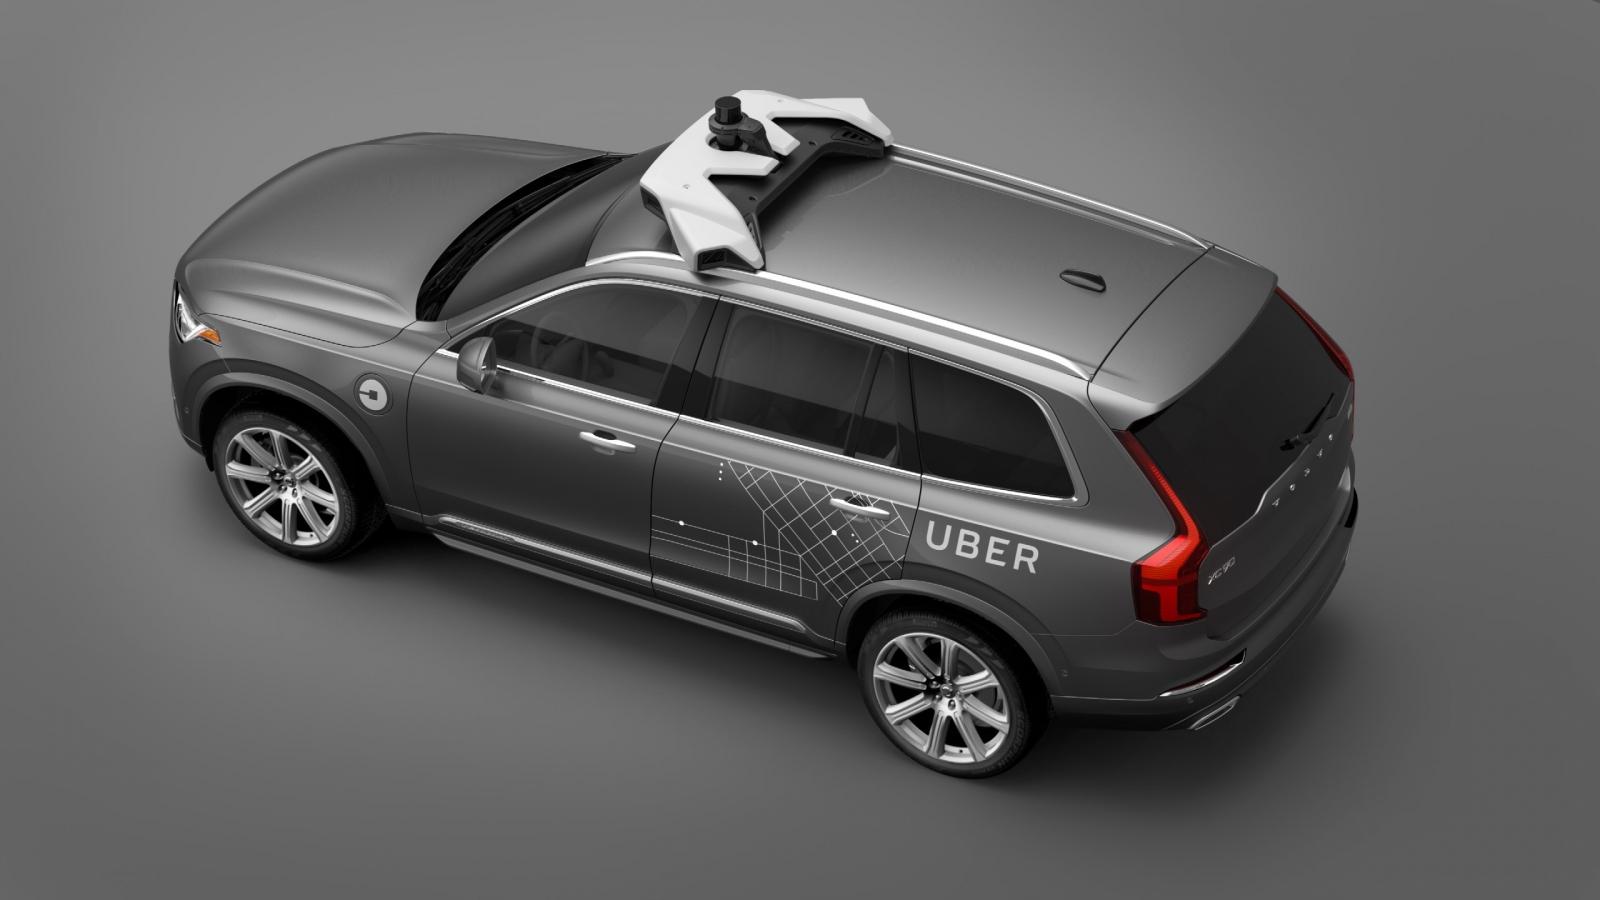 Uber autonomous Volvo XC90